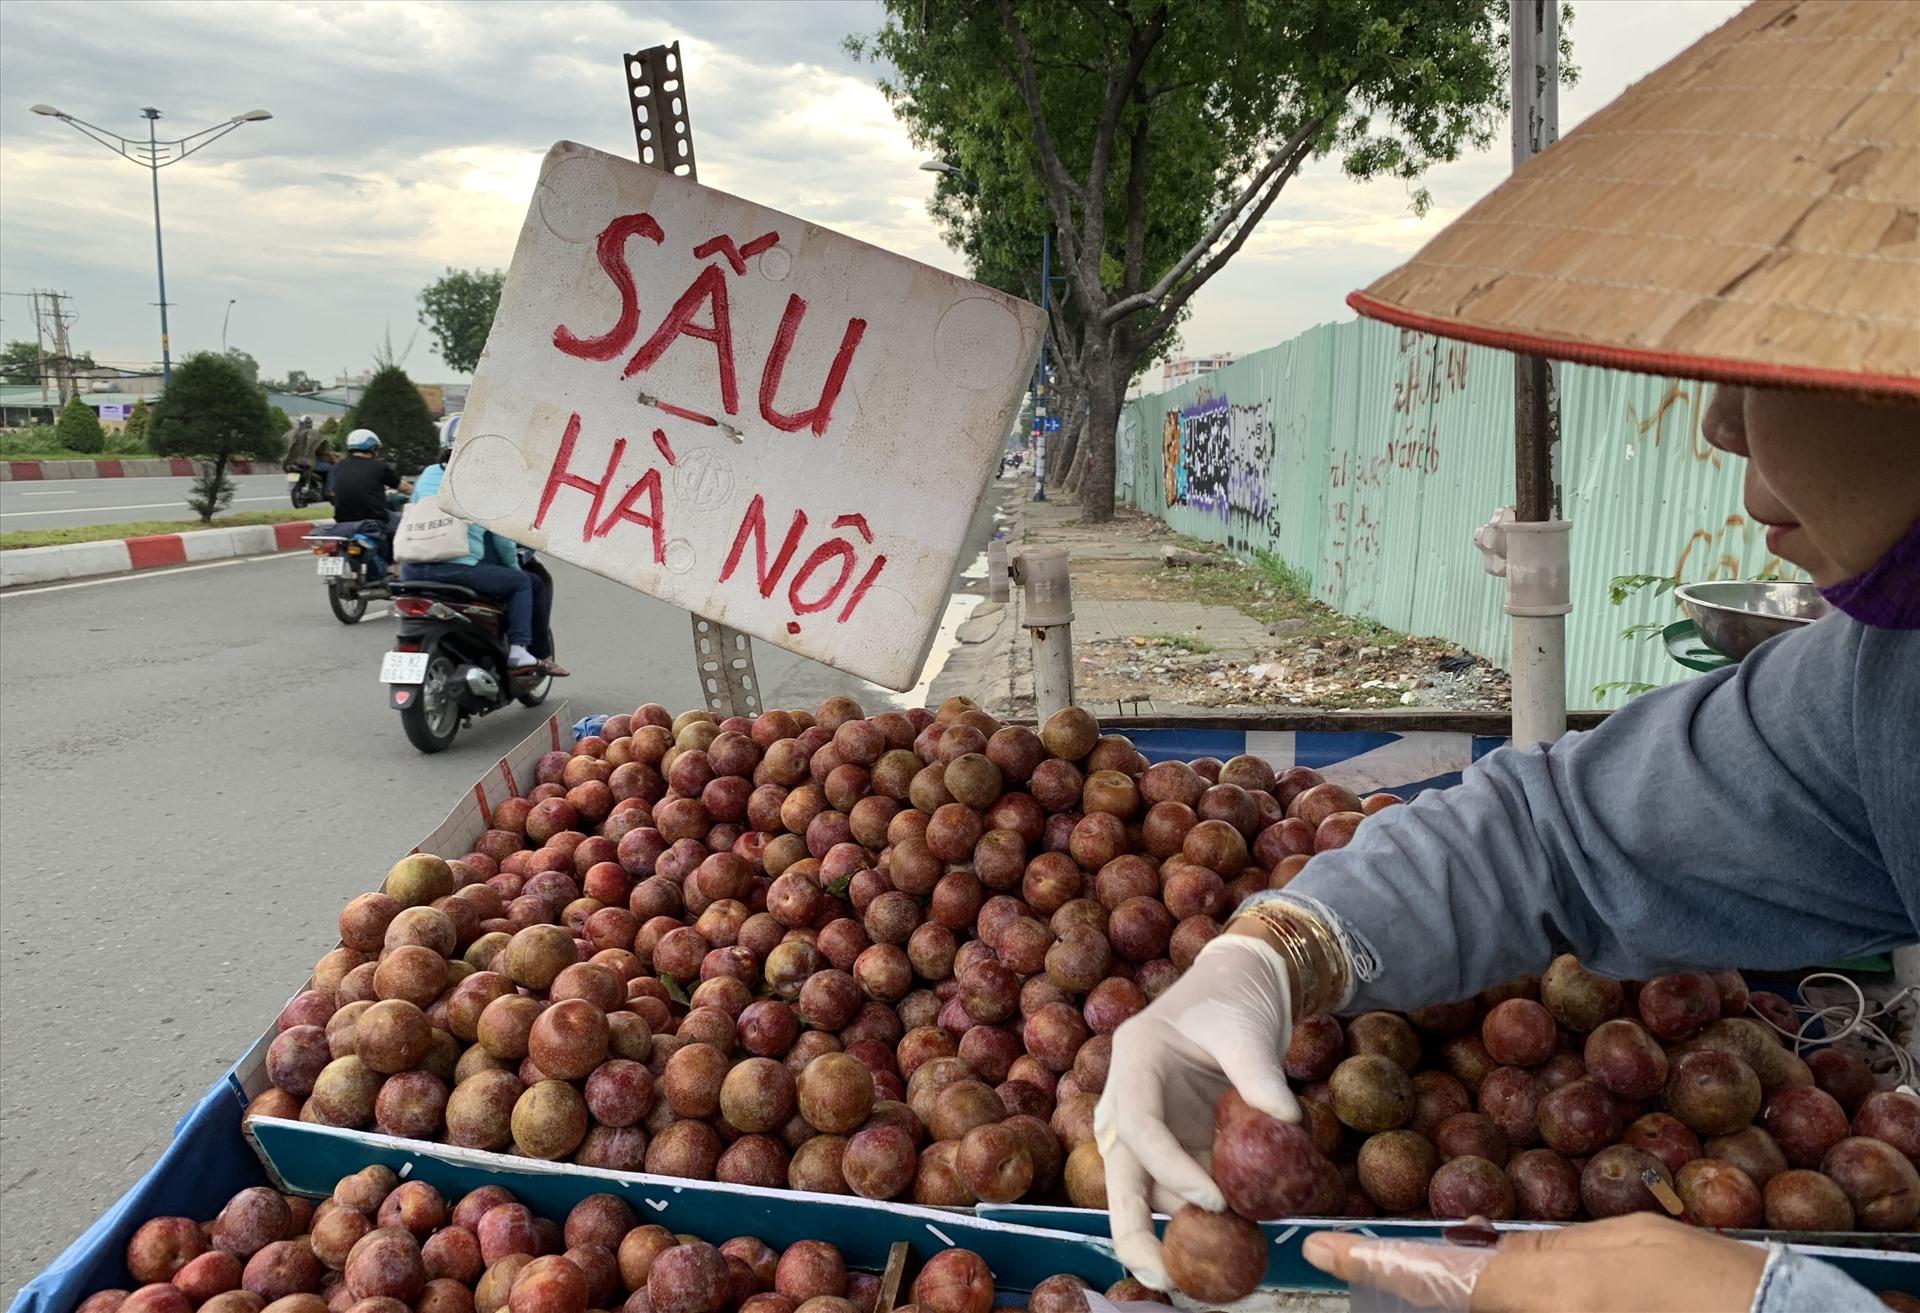 Mận và sấu mang thương hiệu Hà Nội được bày bán trên đường Trường Chinh (quận Tân Bình) có mức giá từ 40-60.000 đồng/kg.